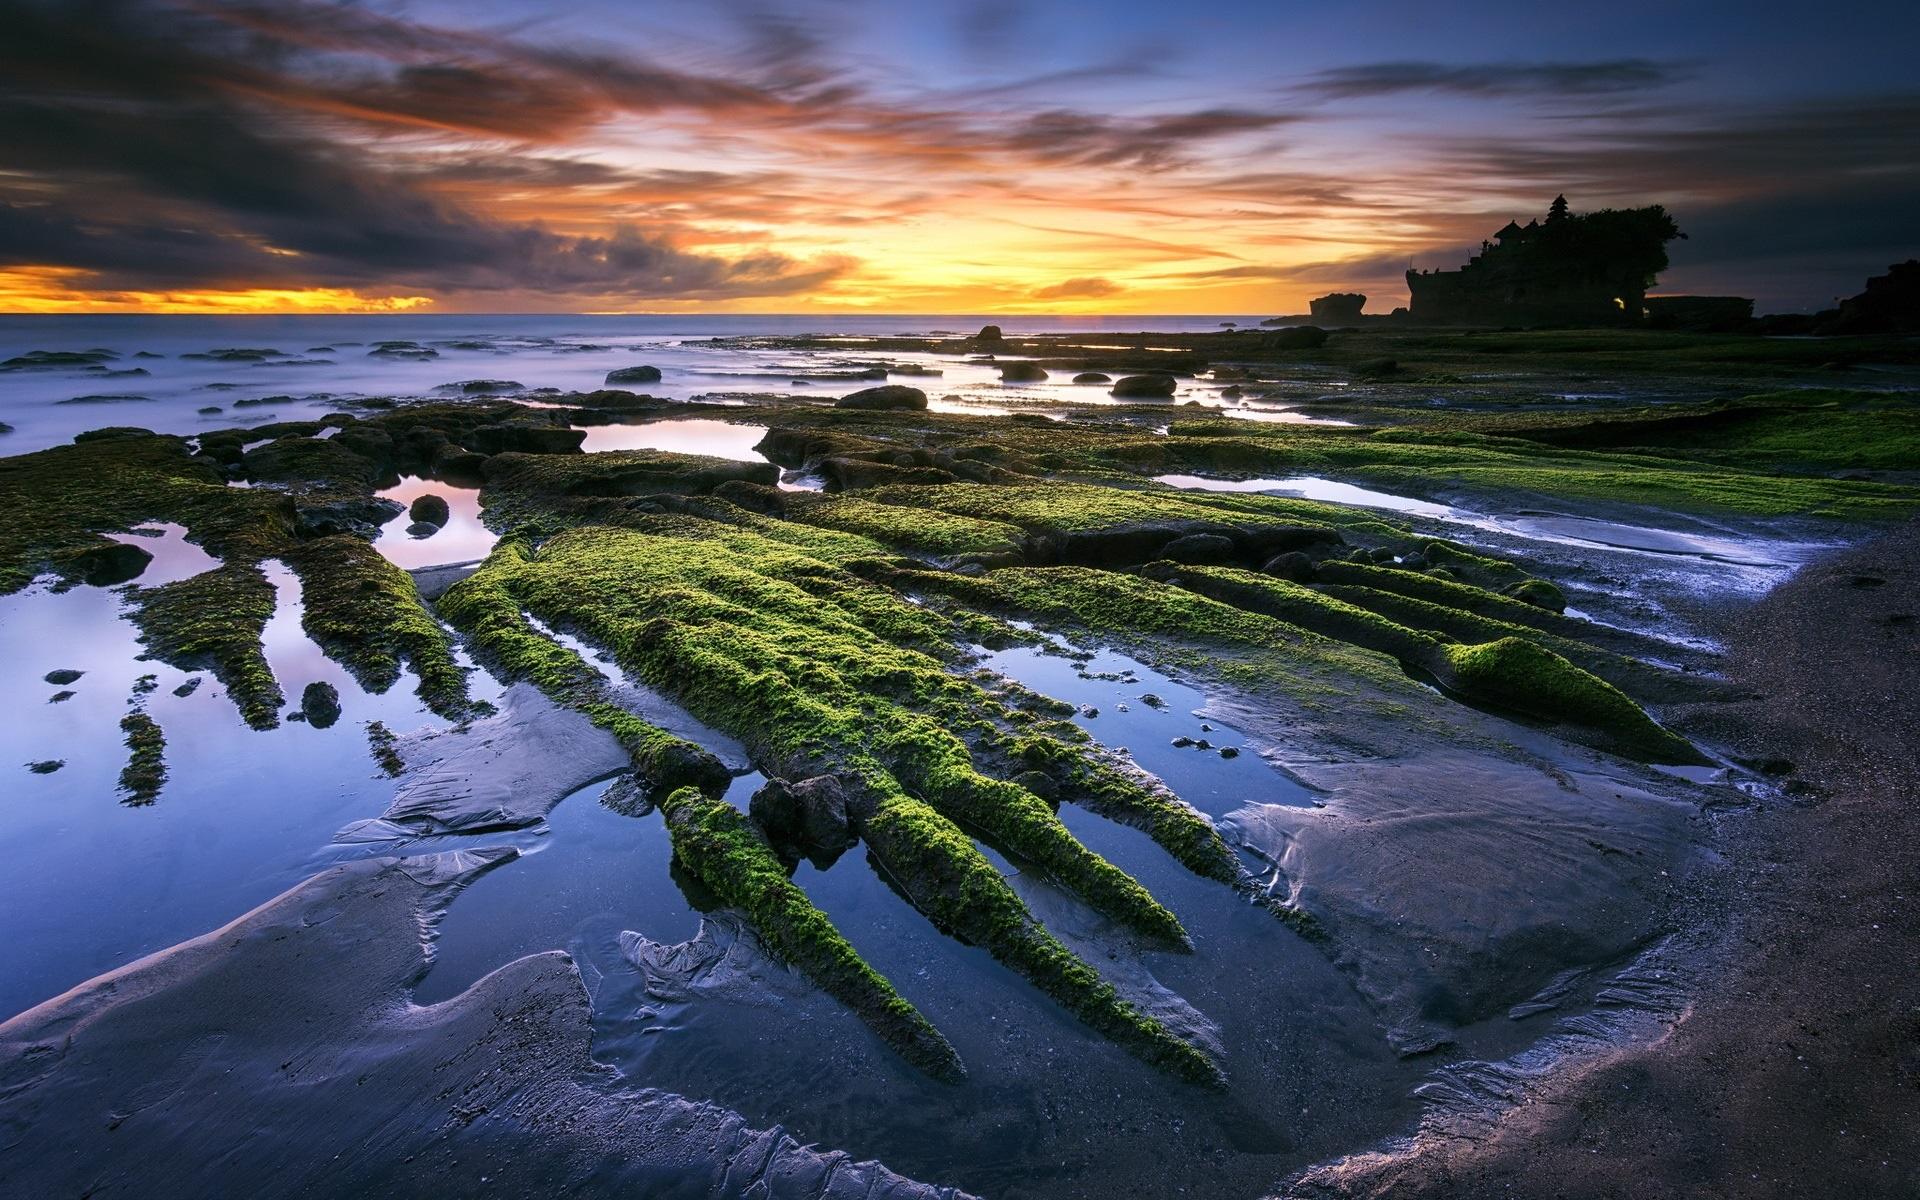 壁紙 タナロット バリ島 インドネシア 海 ビーチ 夕日 美しい